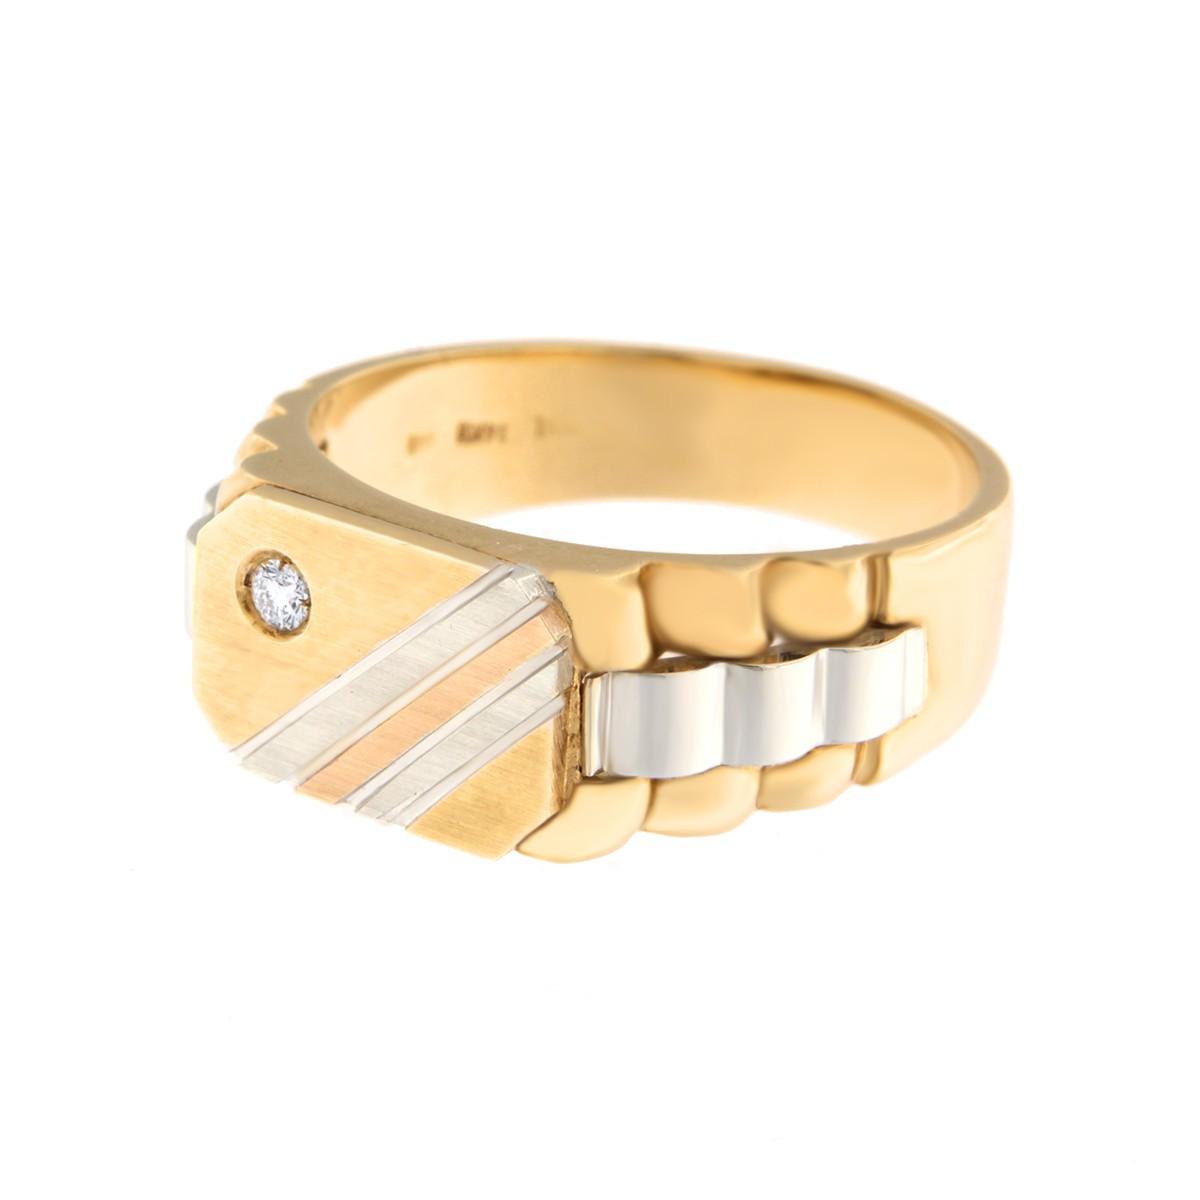 Kullast klotser teemantiga 0,05 ct. Kood: 295b